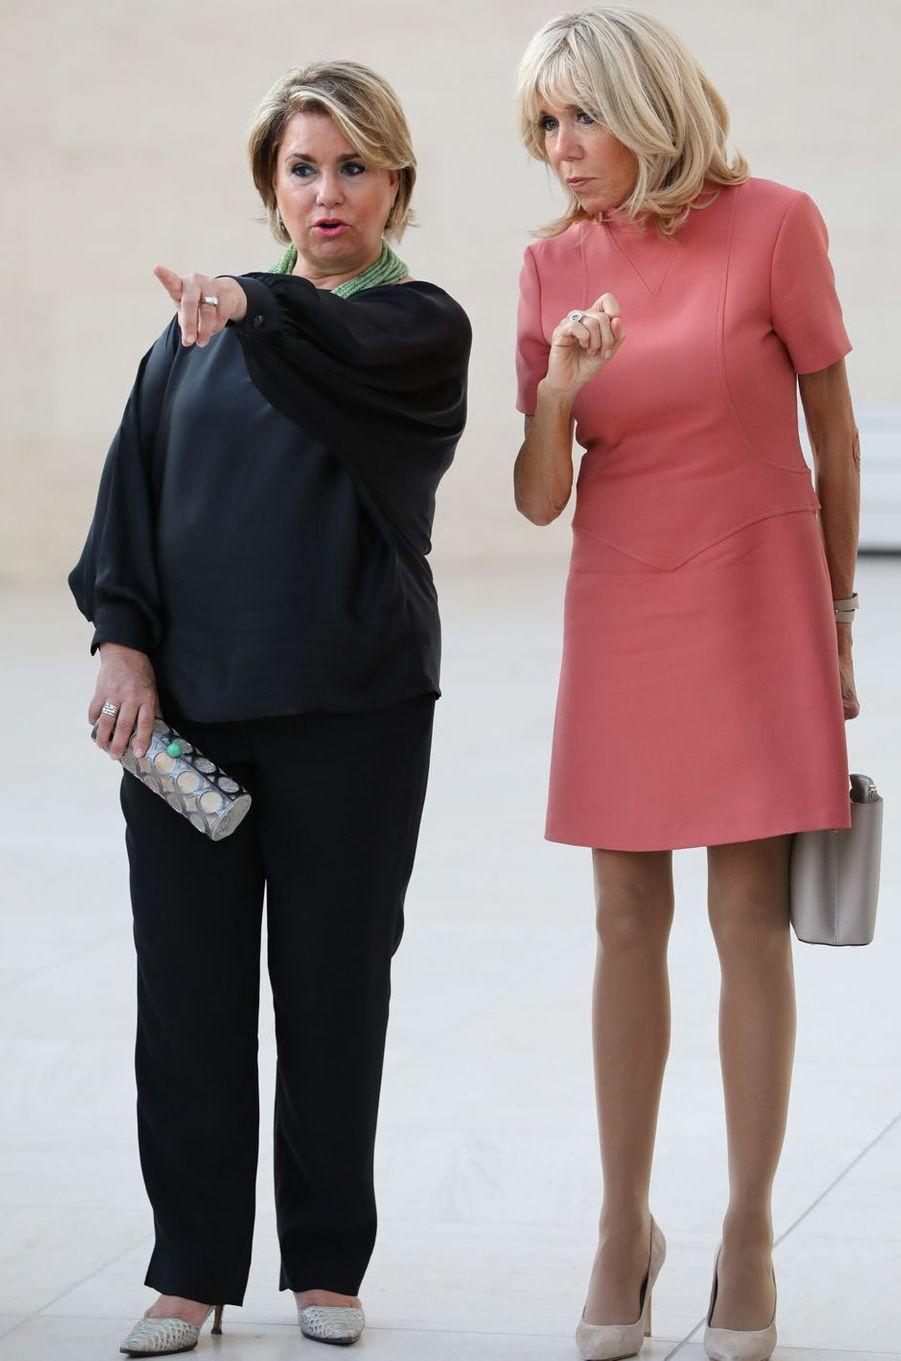 La grande-duchesse Maria Teresa de Luxembourg et Brigitte Macron à Luxembourg, le 29 août 2017